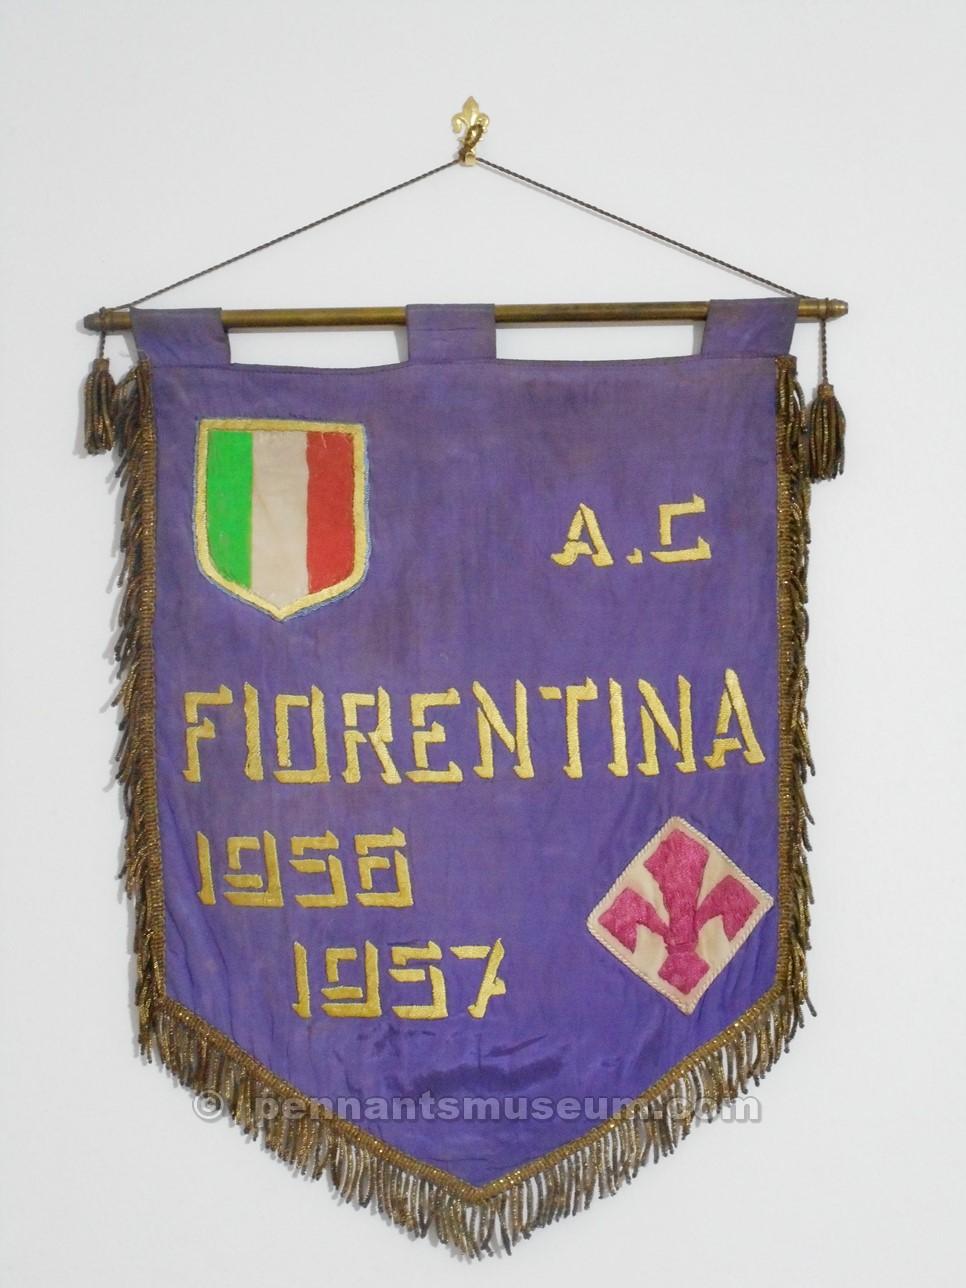 fiorentina 1956